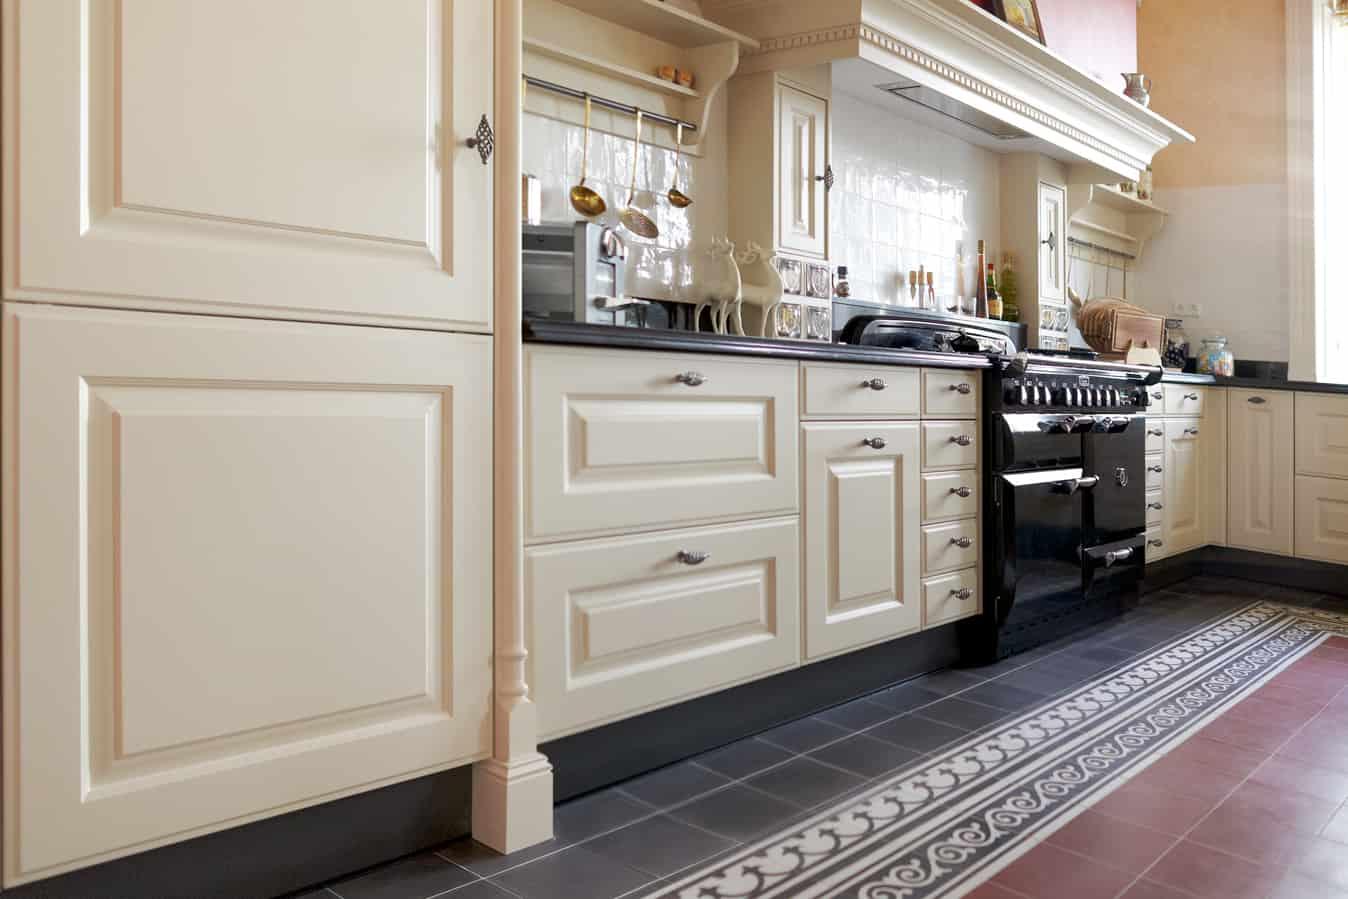 Keuken met schouw